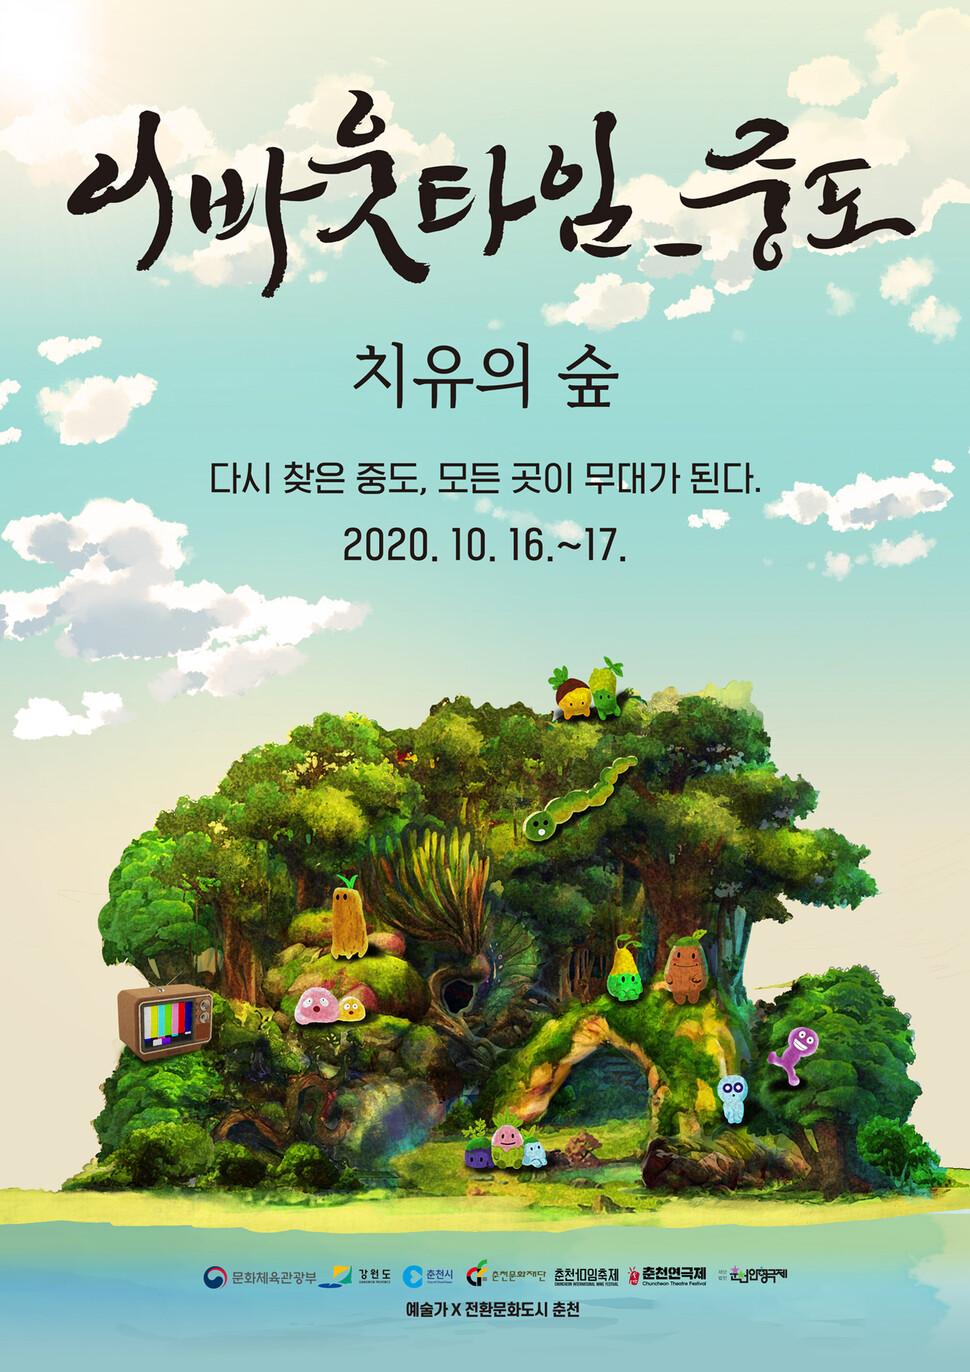 16~17일 춘천 의암호에 있는 섬인 중도에서 '어바웃타임-중도' 행사가 열린다. 춘천문화재단 제공